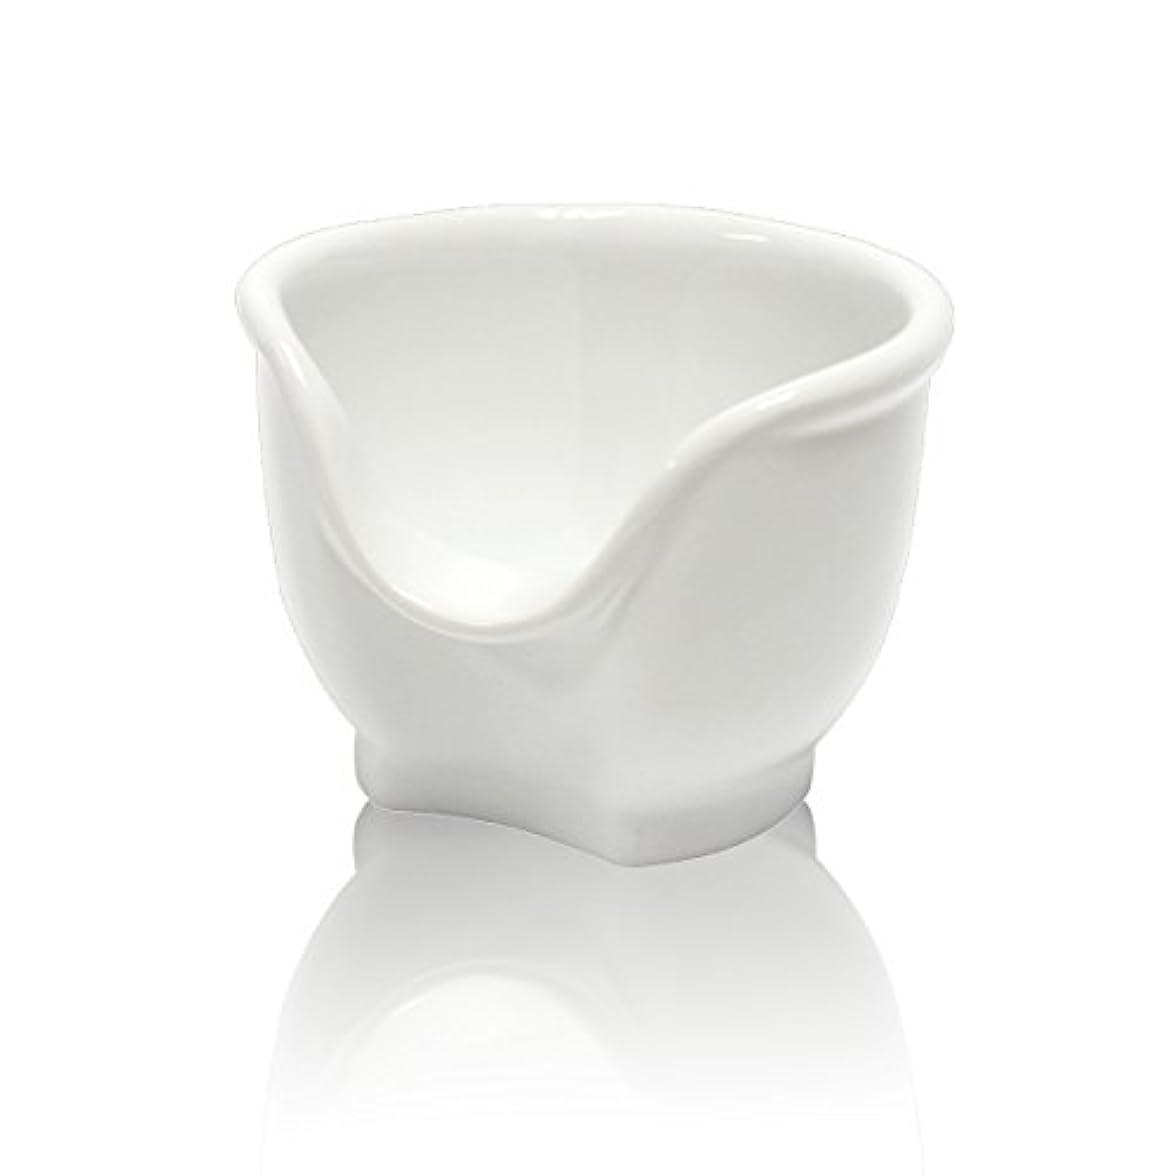 ヒステリック遺産カフェテリアSignstek 磁器製シェービングカップ シェービングボウル 髭剃り石鹸カップ ホワイト